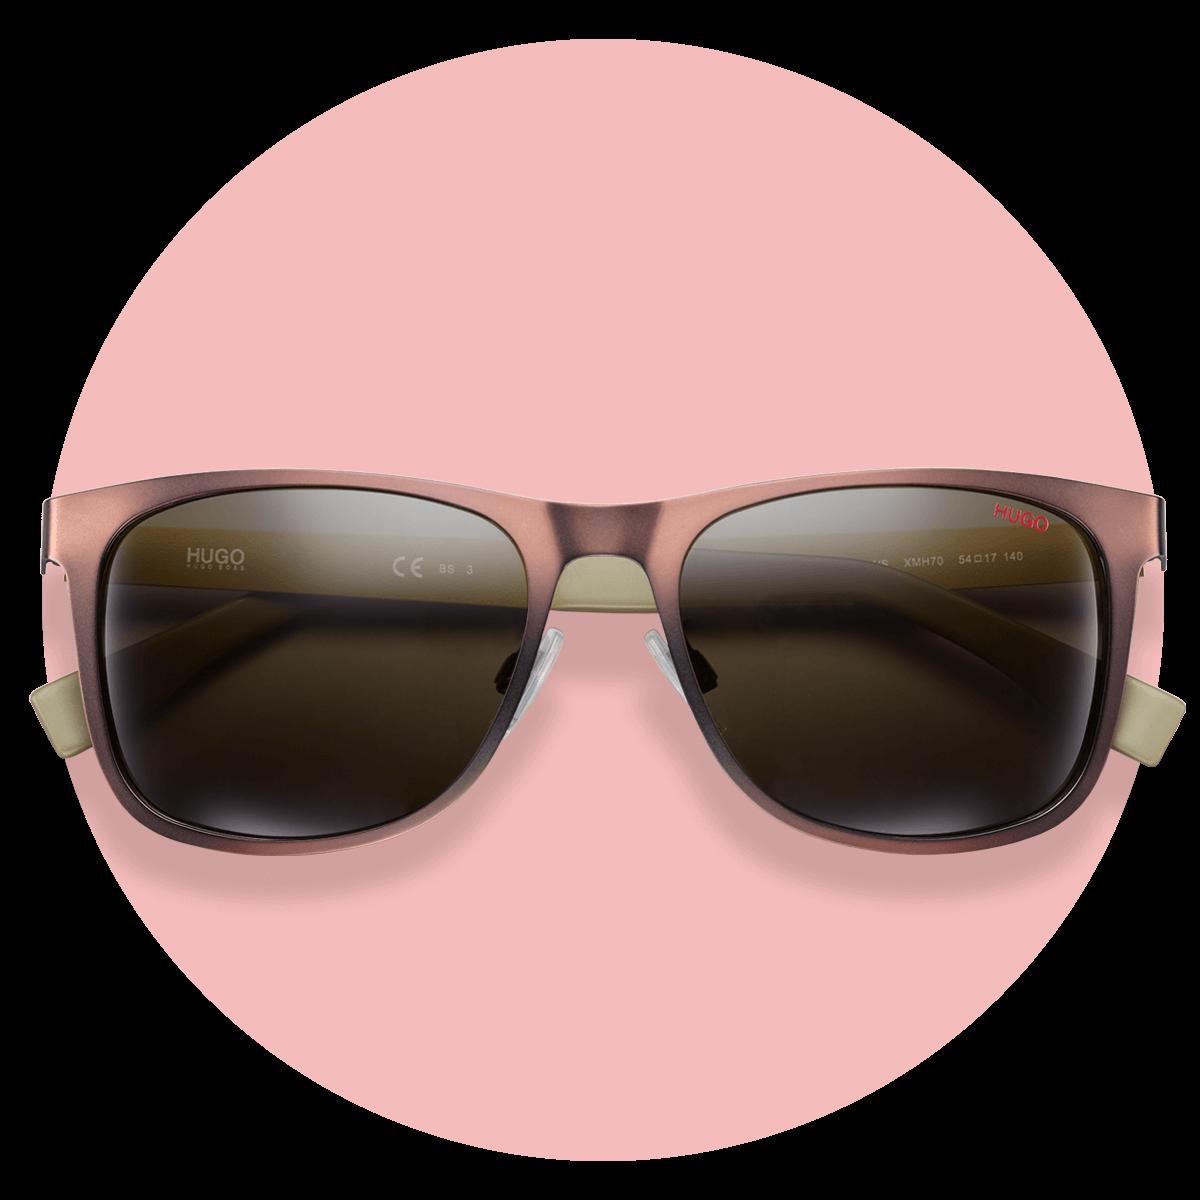 Suojaa silmäsi tyylillä. Meiltä aurinkolasit myös omilla voimakkuuksilla.